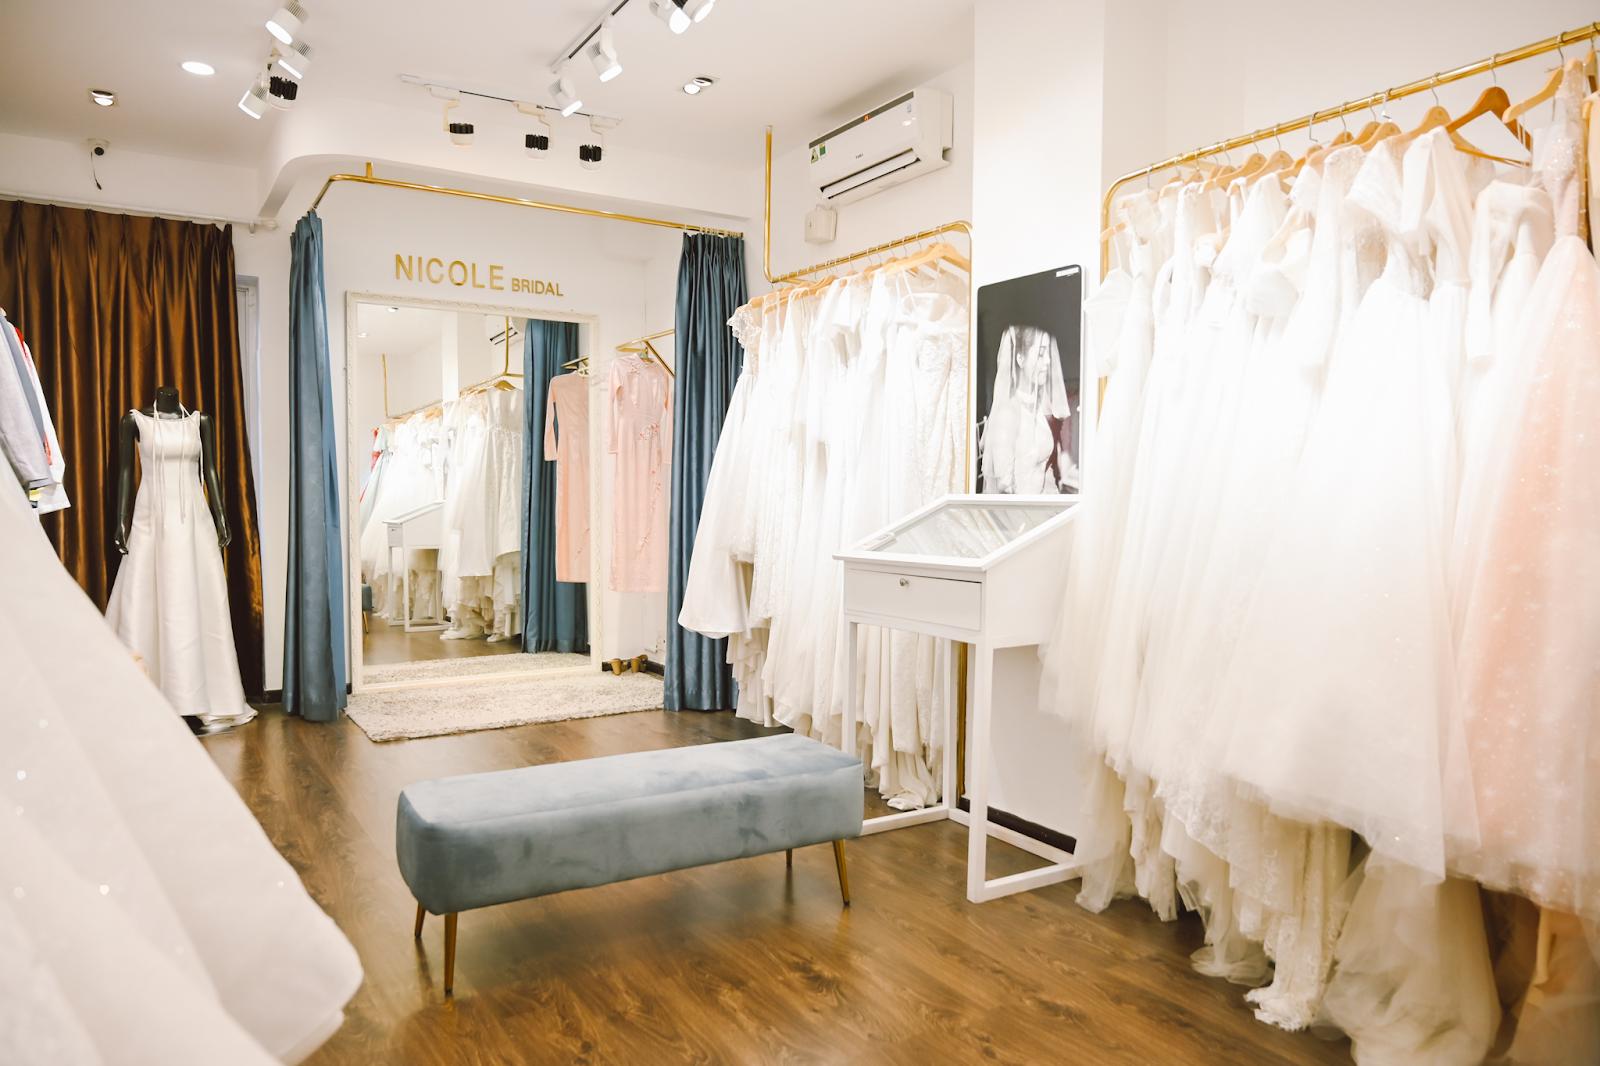 Nicolebridal.vn - Địa chỉ chụp ảnh cưới đẹp ở Sài Gòn